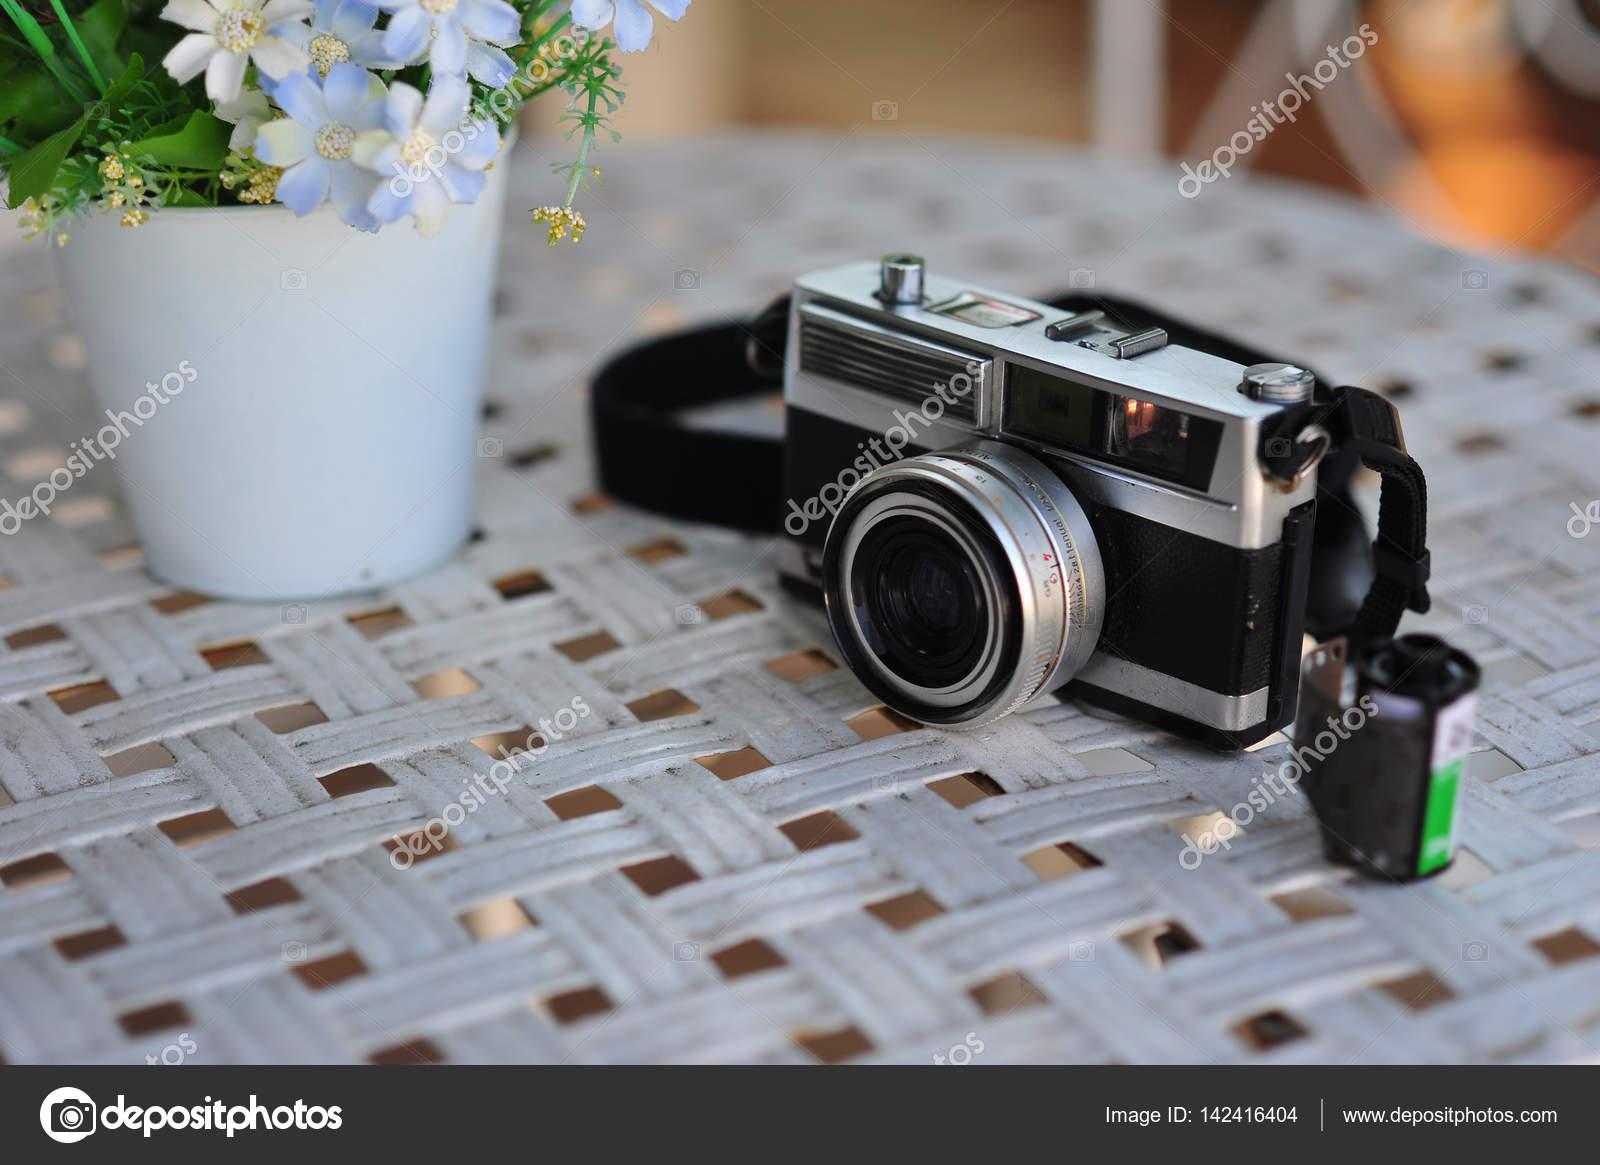 Entfernungsmesser Fotografie : Die alten retro vintage entfernungsmesser film kamera stil